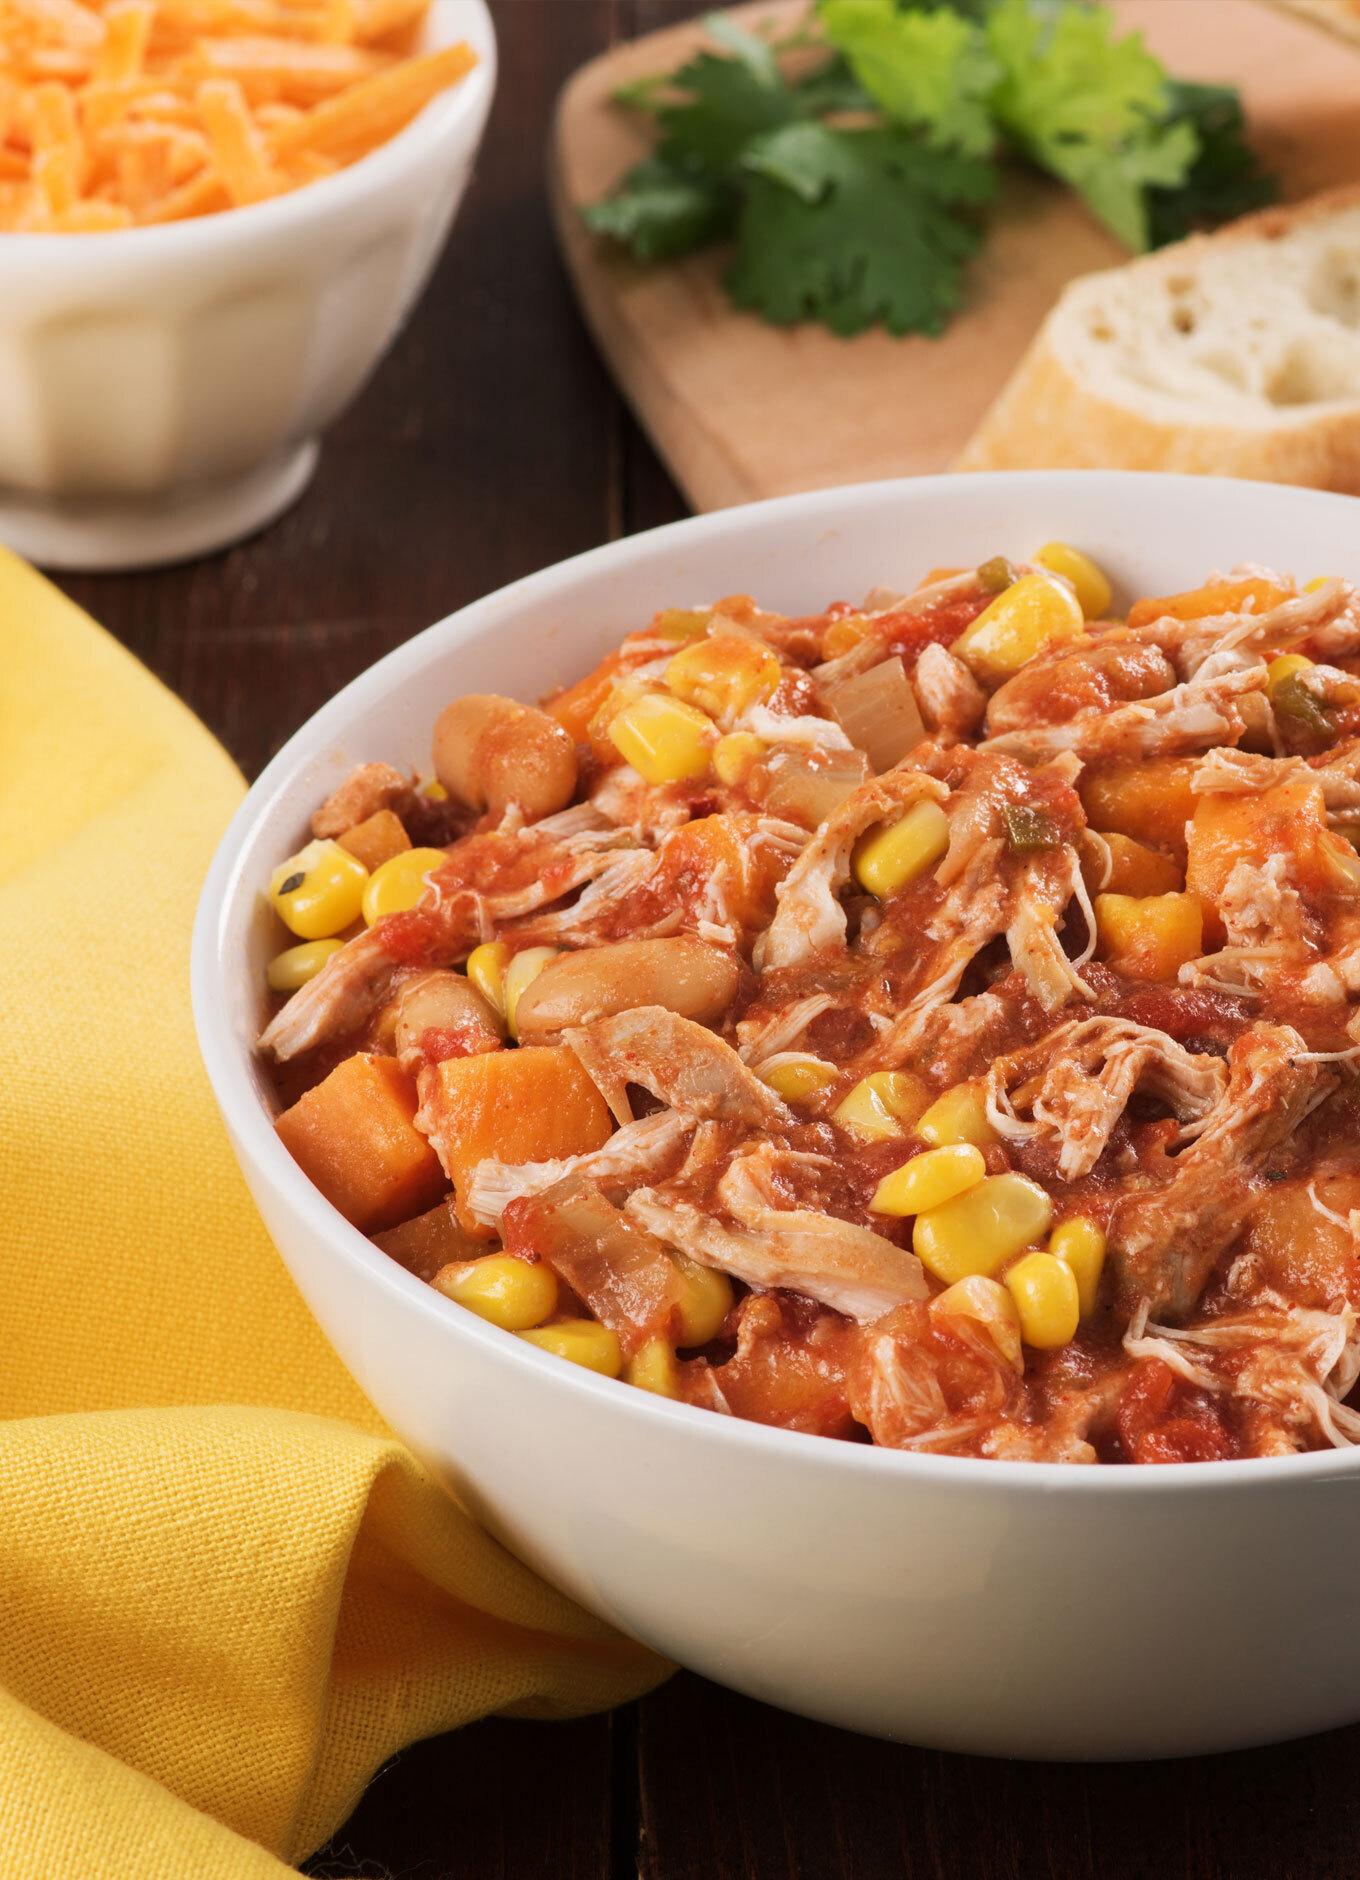 Un bol chaud de chili au poulet effiloché avec haricots blancs et maïs.